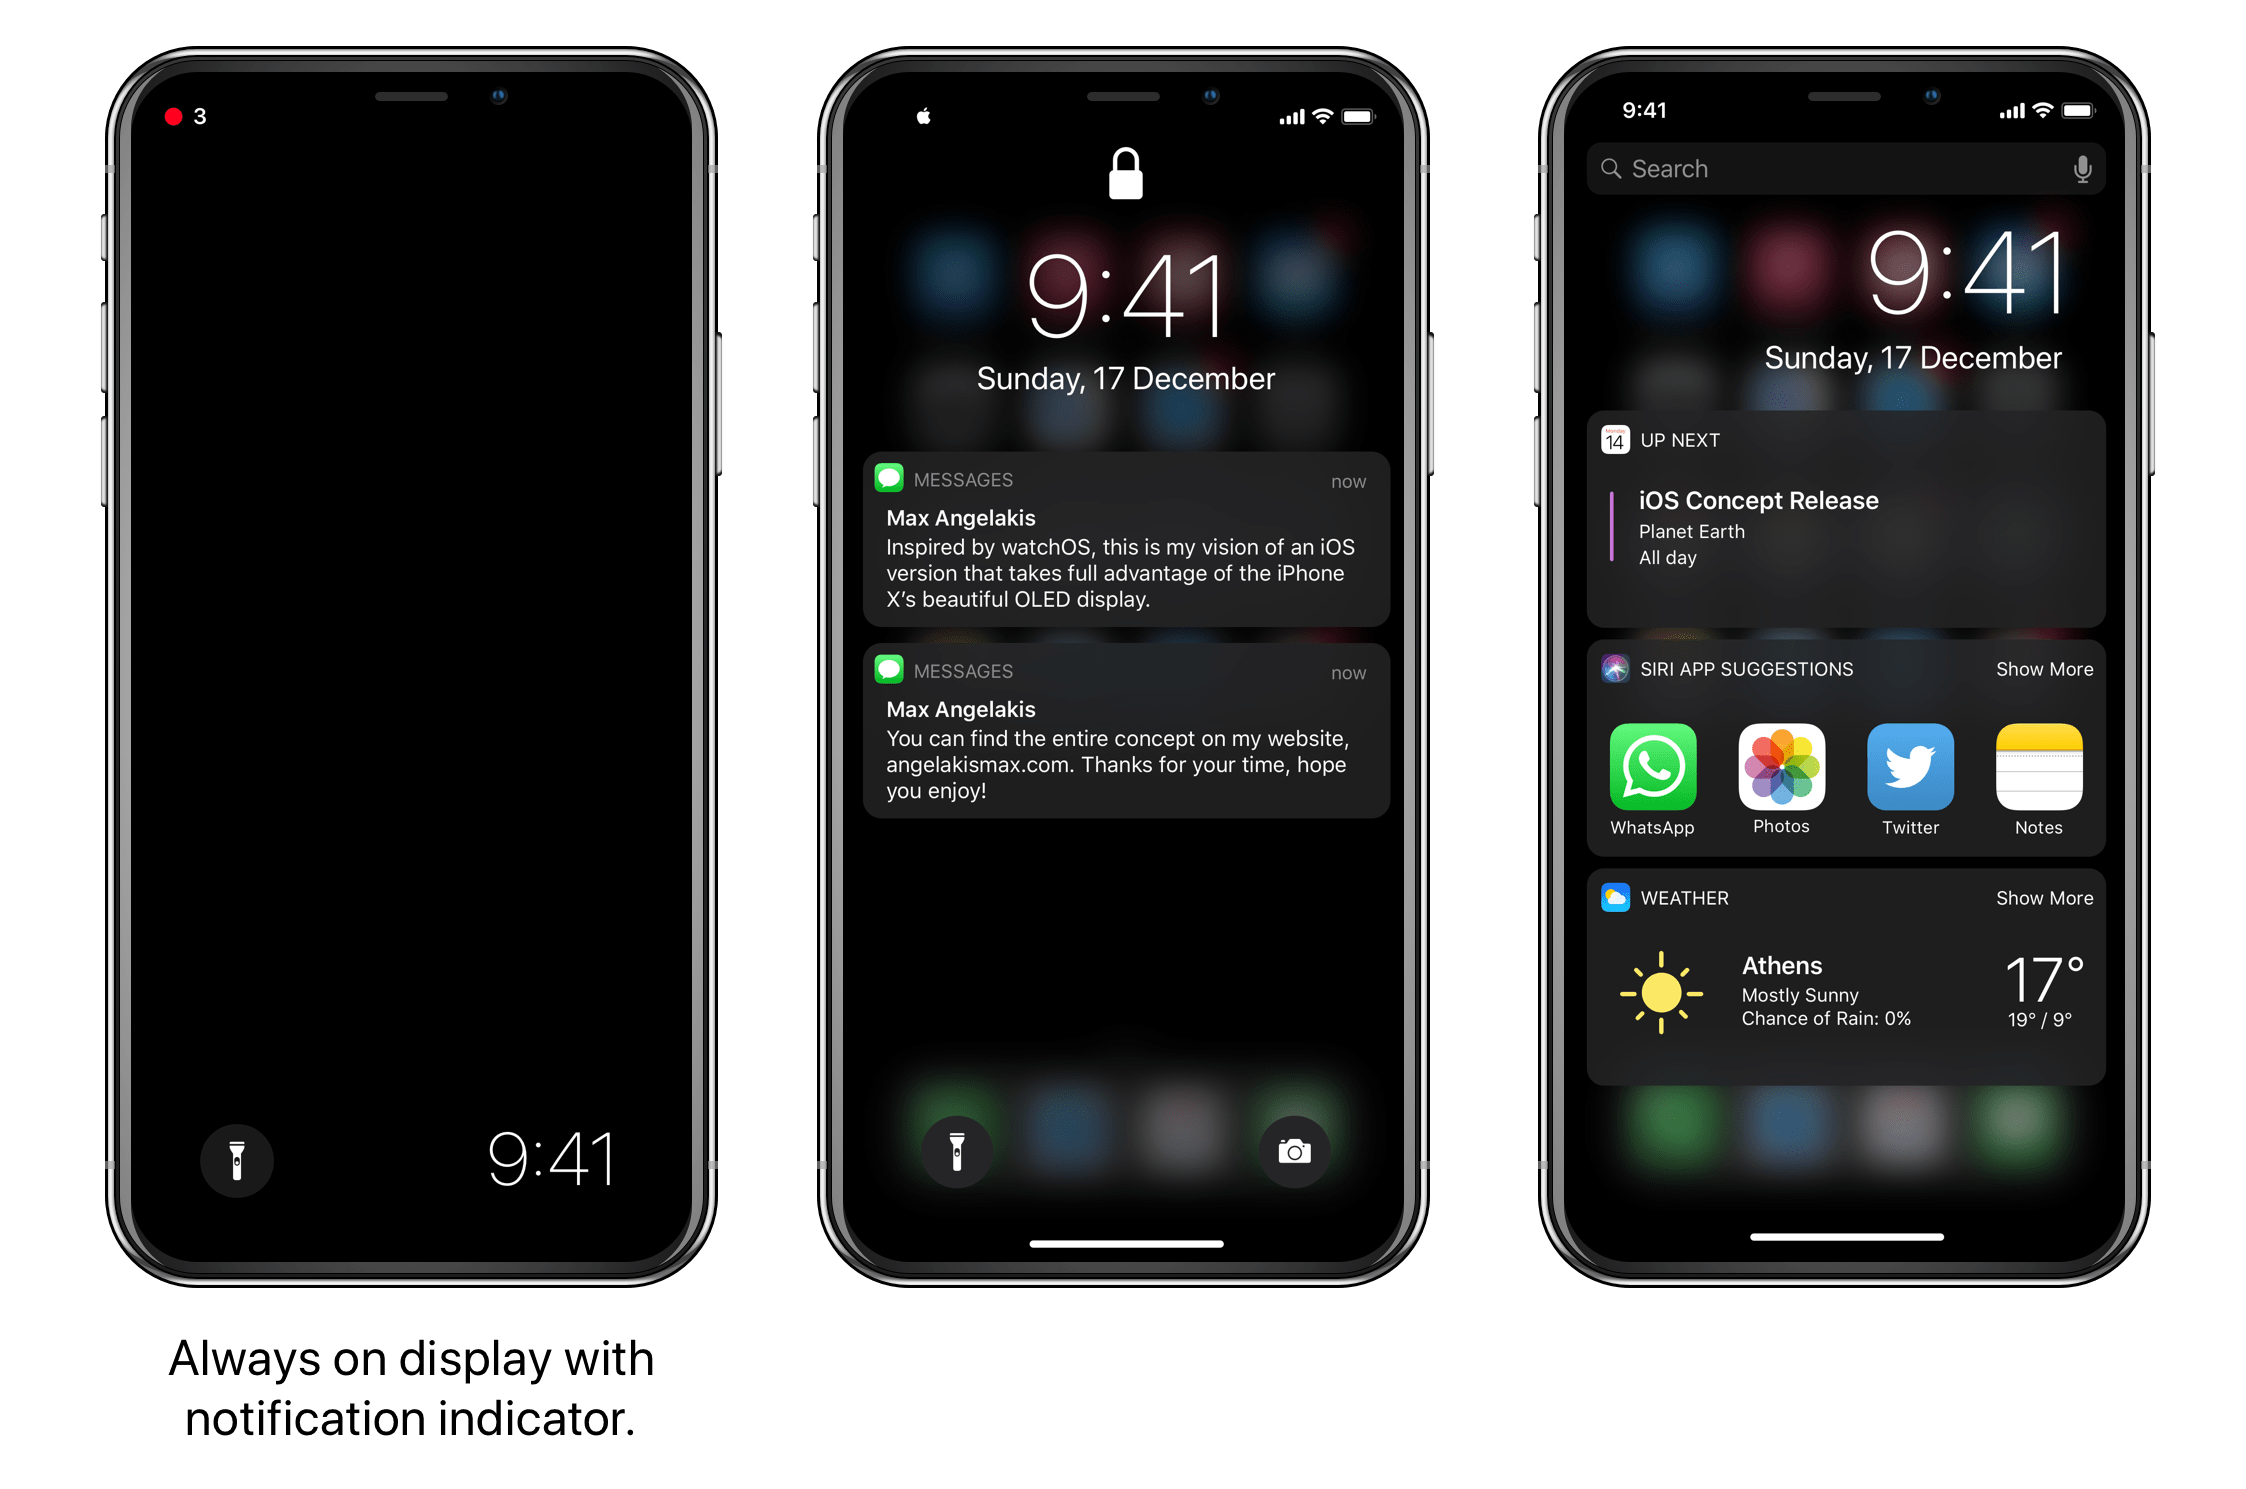 Modo Escuro no iOS 11, por Maximos Angelakis